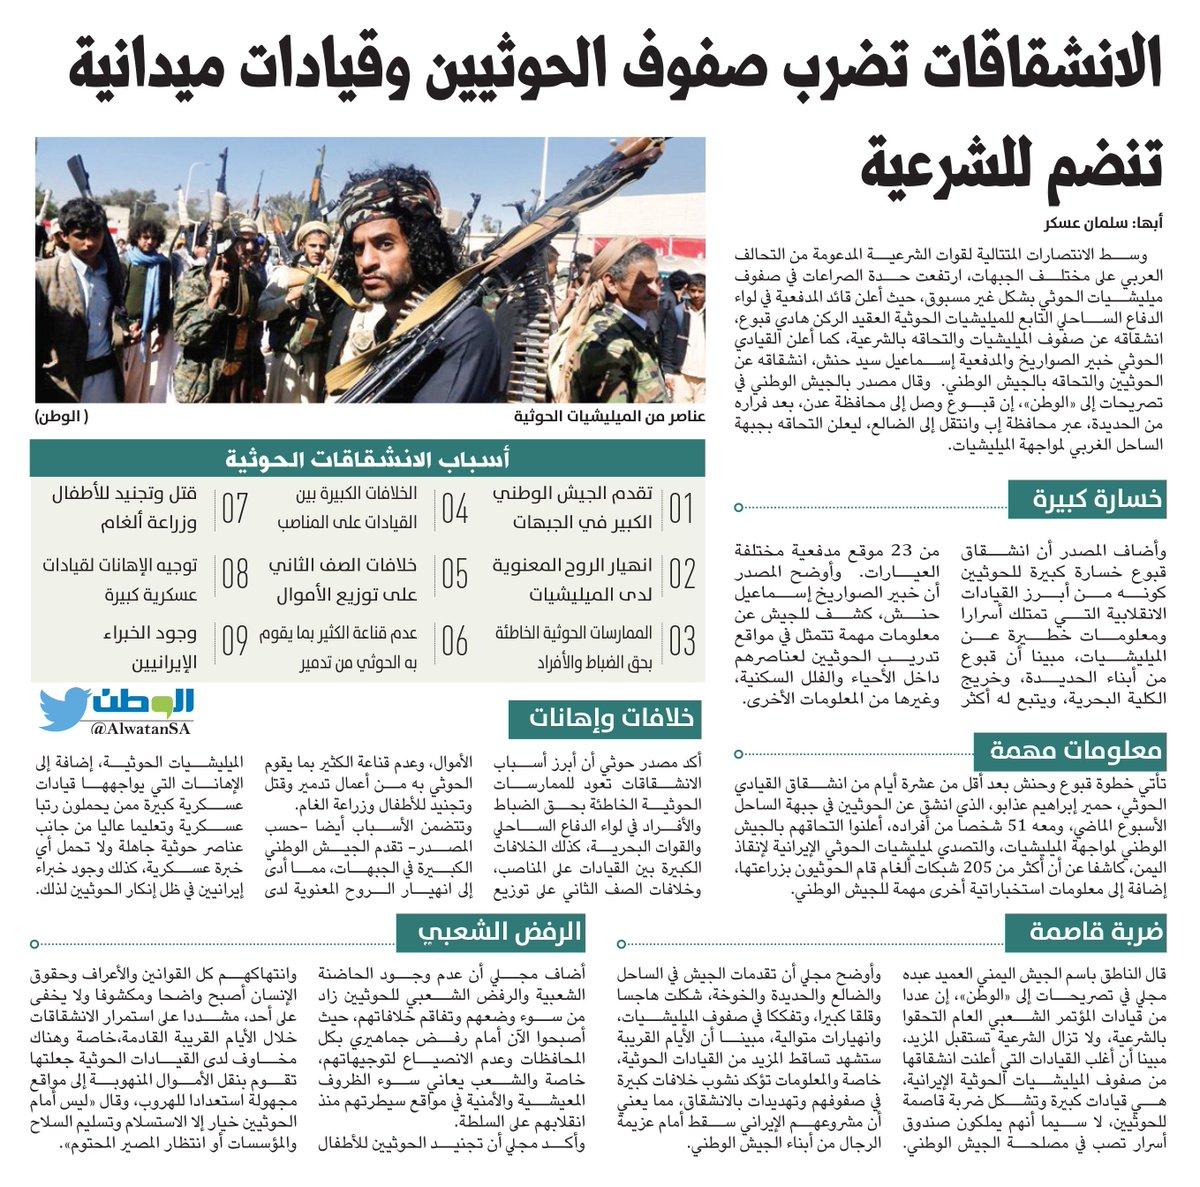 الانشقاقات تضرب صفوف #الحوثيين وقيادات م...